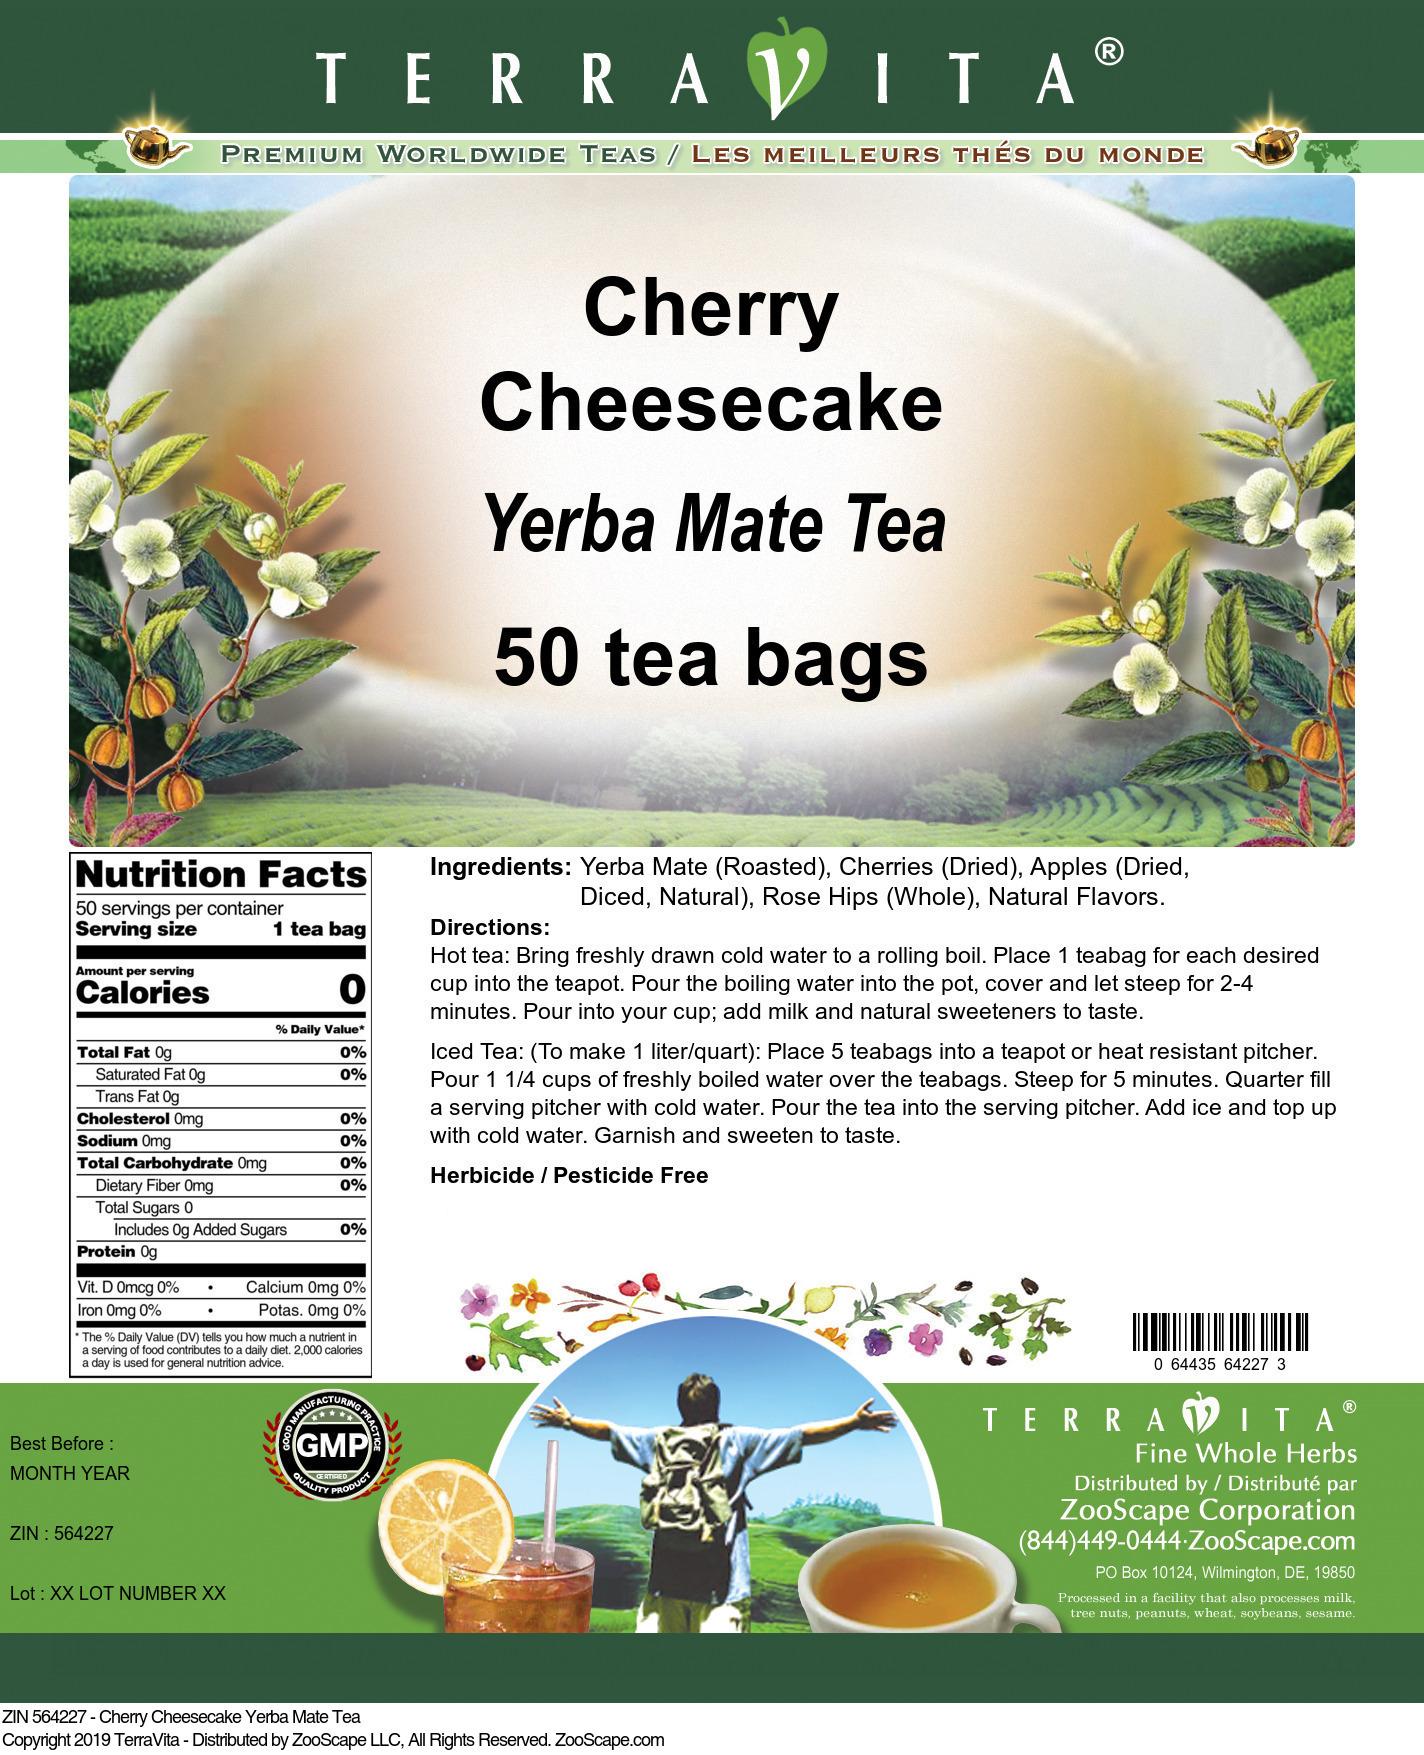 Cherry Cheesecake Yerba Mate